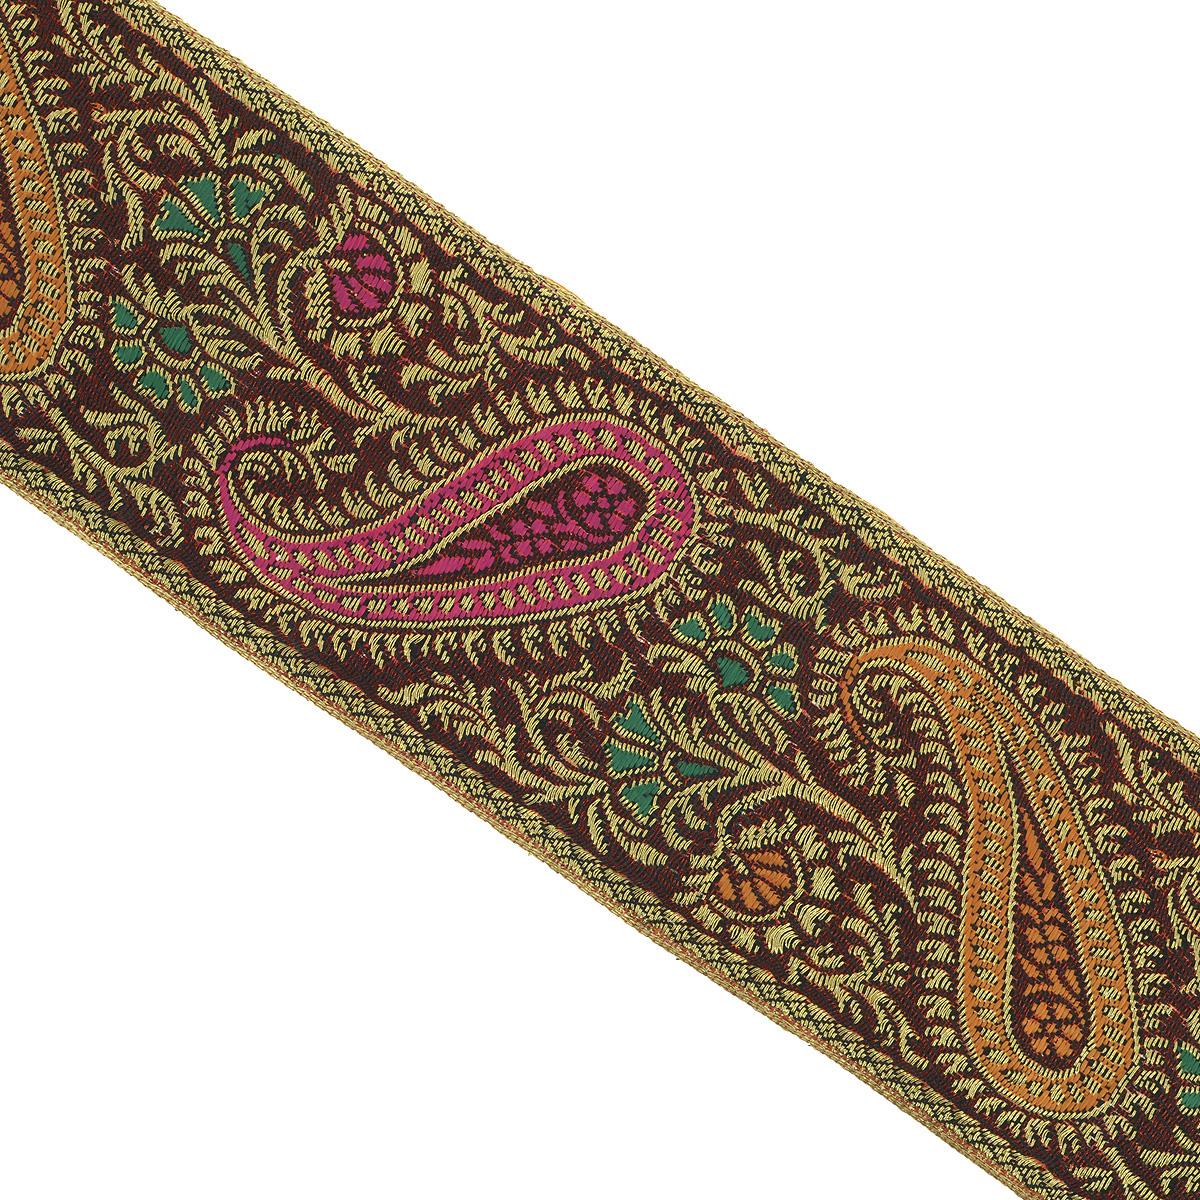 Тесьма декоративная Астра, цвет: розовый, желтый (С24), ширина 6 см, длина 9 м. 77034657703465_C24Декоративная тесьма Астра выполнена из текстиля и оформлена оригинальным жаккардовым орнаментом. Такая тесьма идеально подойдет для оформления различных творческих работ таких, как скрапбукинг, аппликация, декор коробок и открыток и многое другое. Тесьма наивысшего качества и практична в использовании. Она станет незаменимым элементом в создании рукотворного шедевра. Ширина: 6 см. Длина: 9 м.